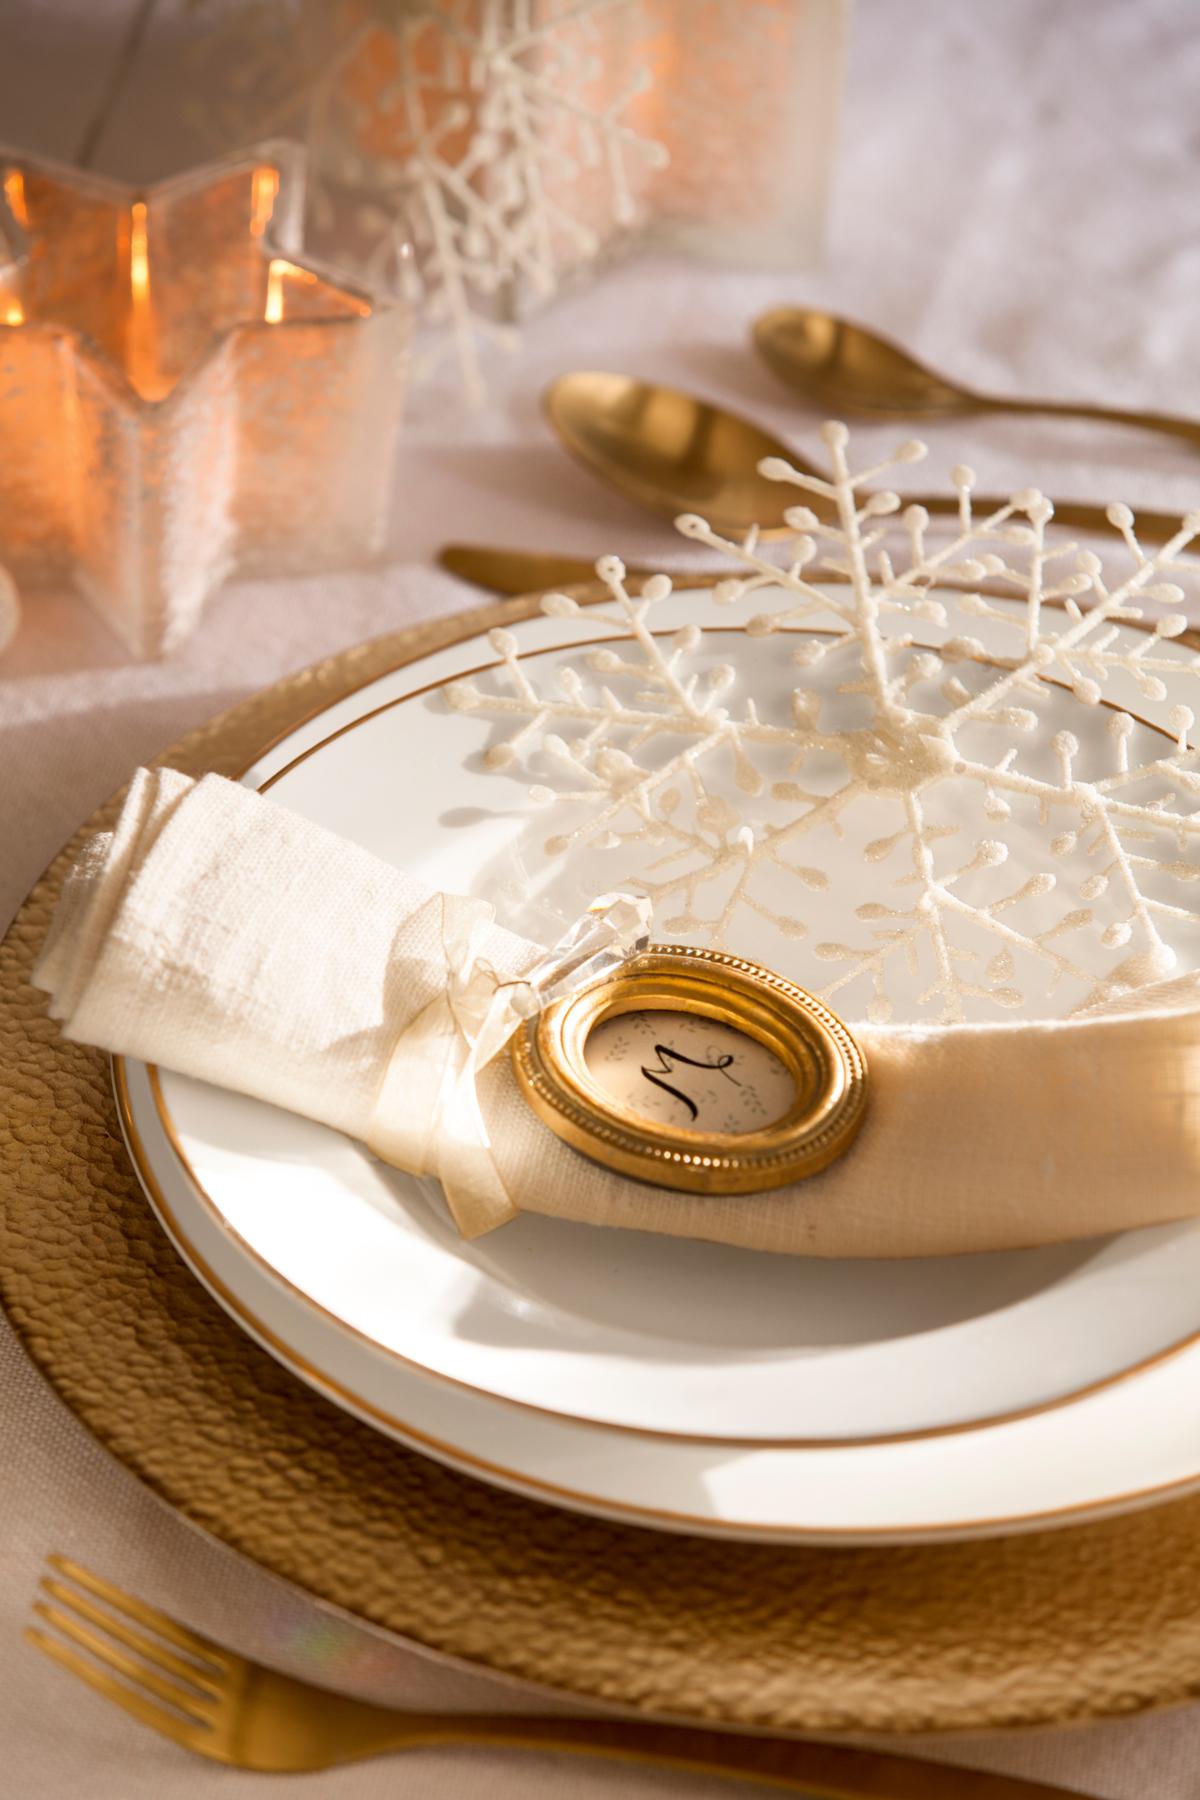 00417874. Platos blancos y bajoplato dorado, de Navidad, con servilletero hecho con un marco de fotos (417874)